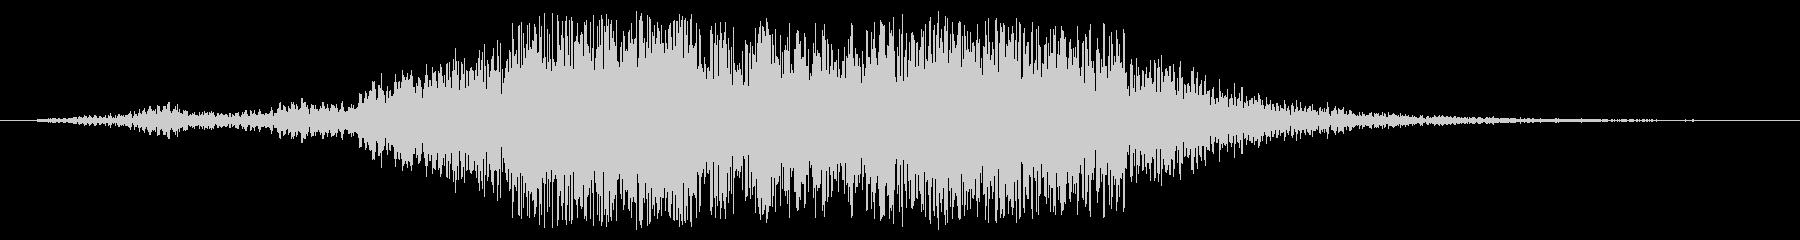 幻想的なタイトルアップ音の未再生の波形